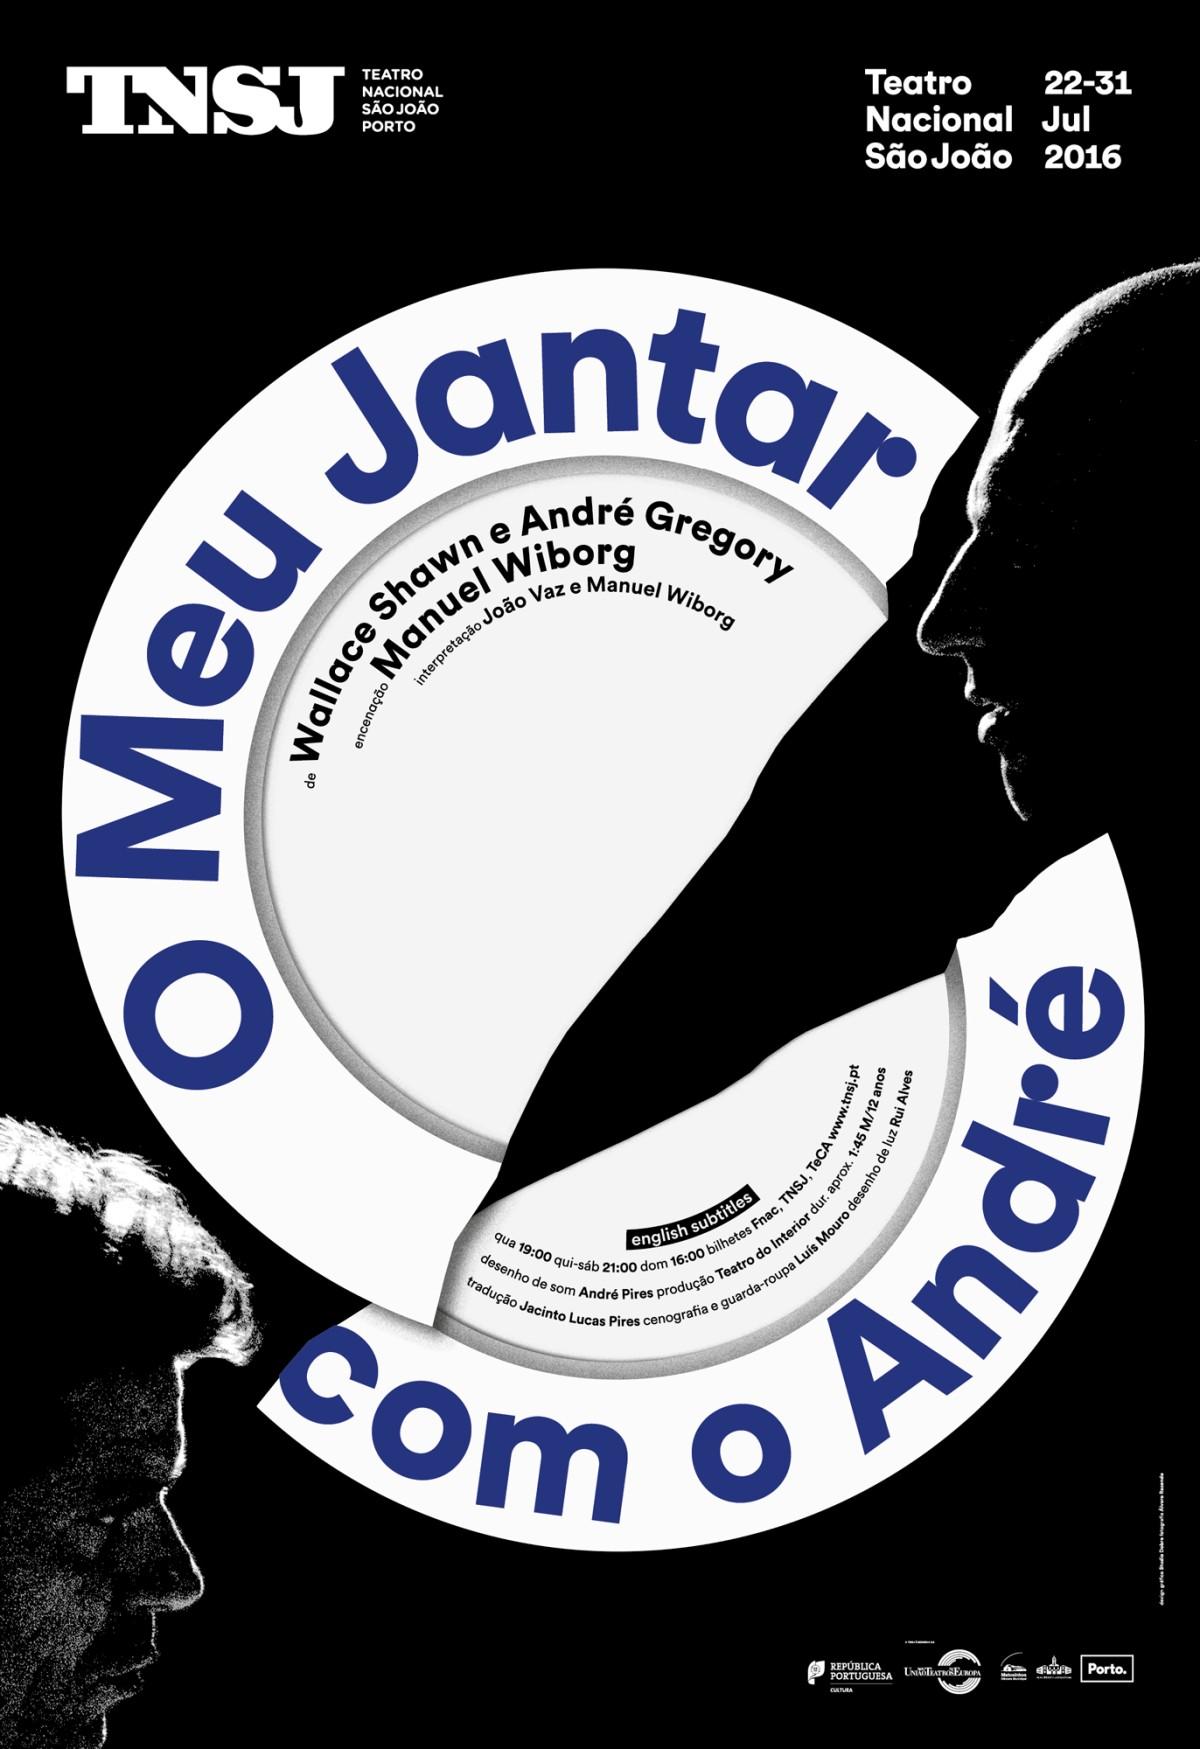 São João National Theatre Posters 2015-2016 Image:2.2